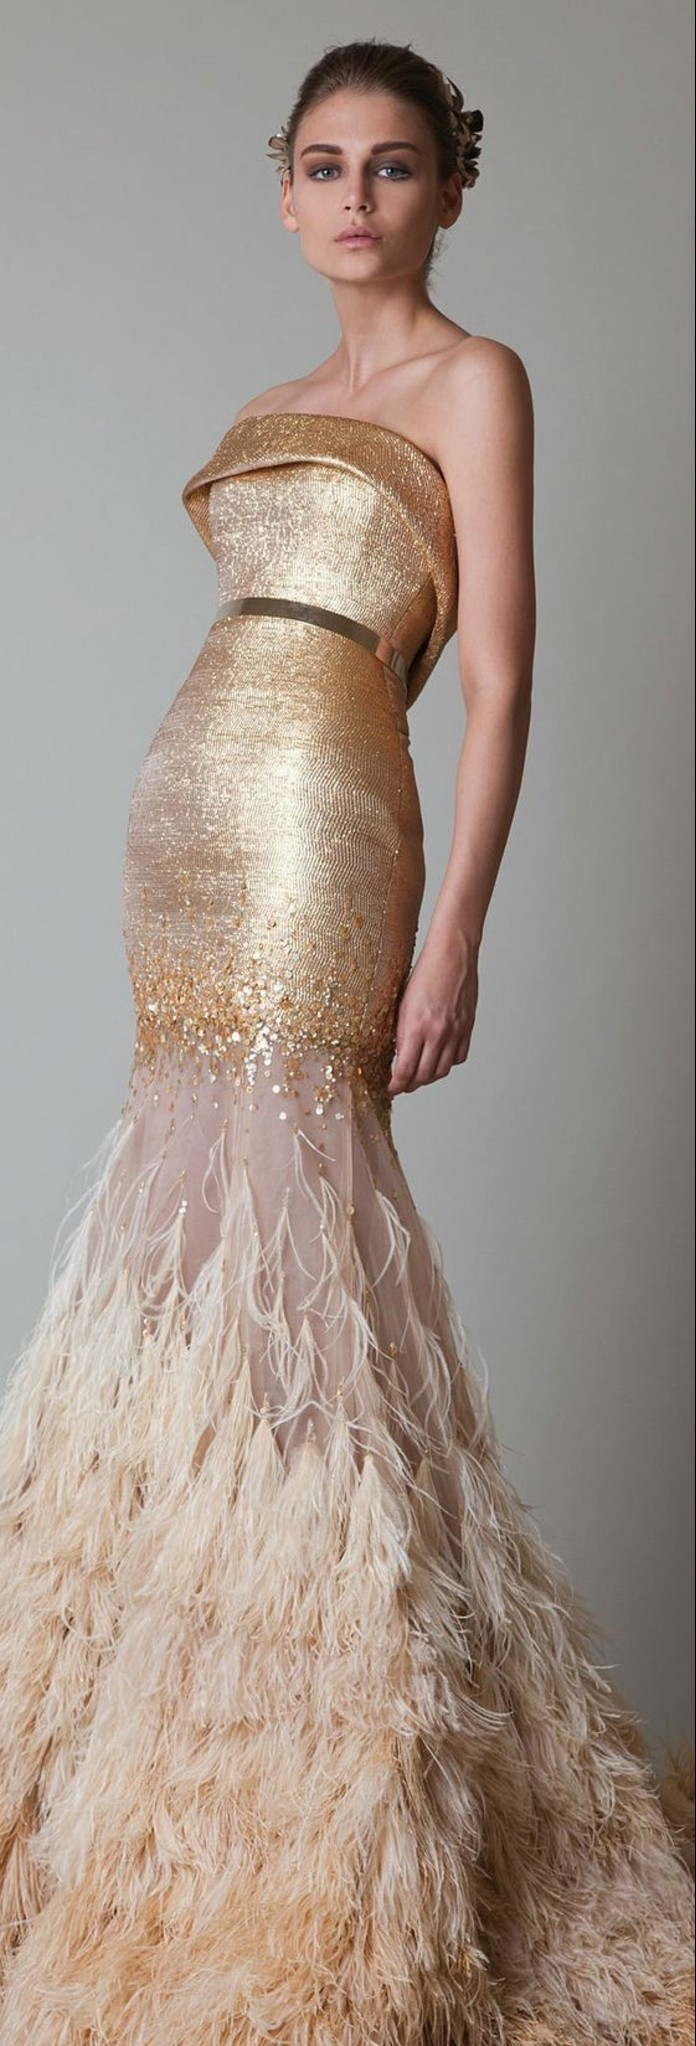 Elegante Kleider für Ihre besondere Anlässe - Archzine.net